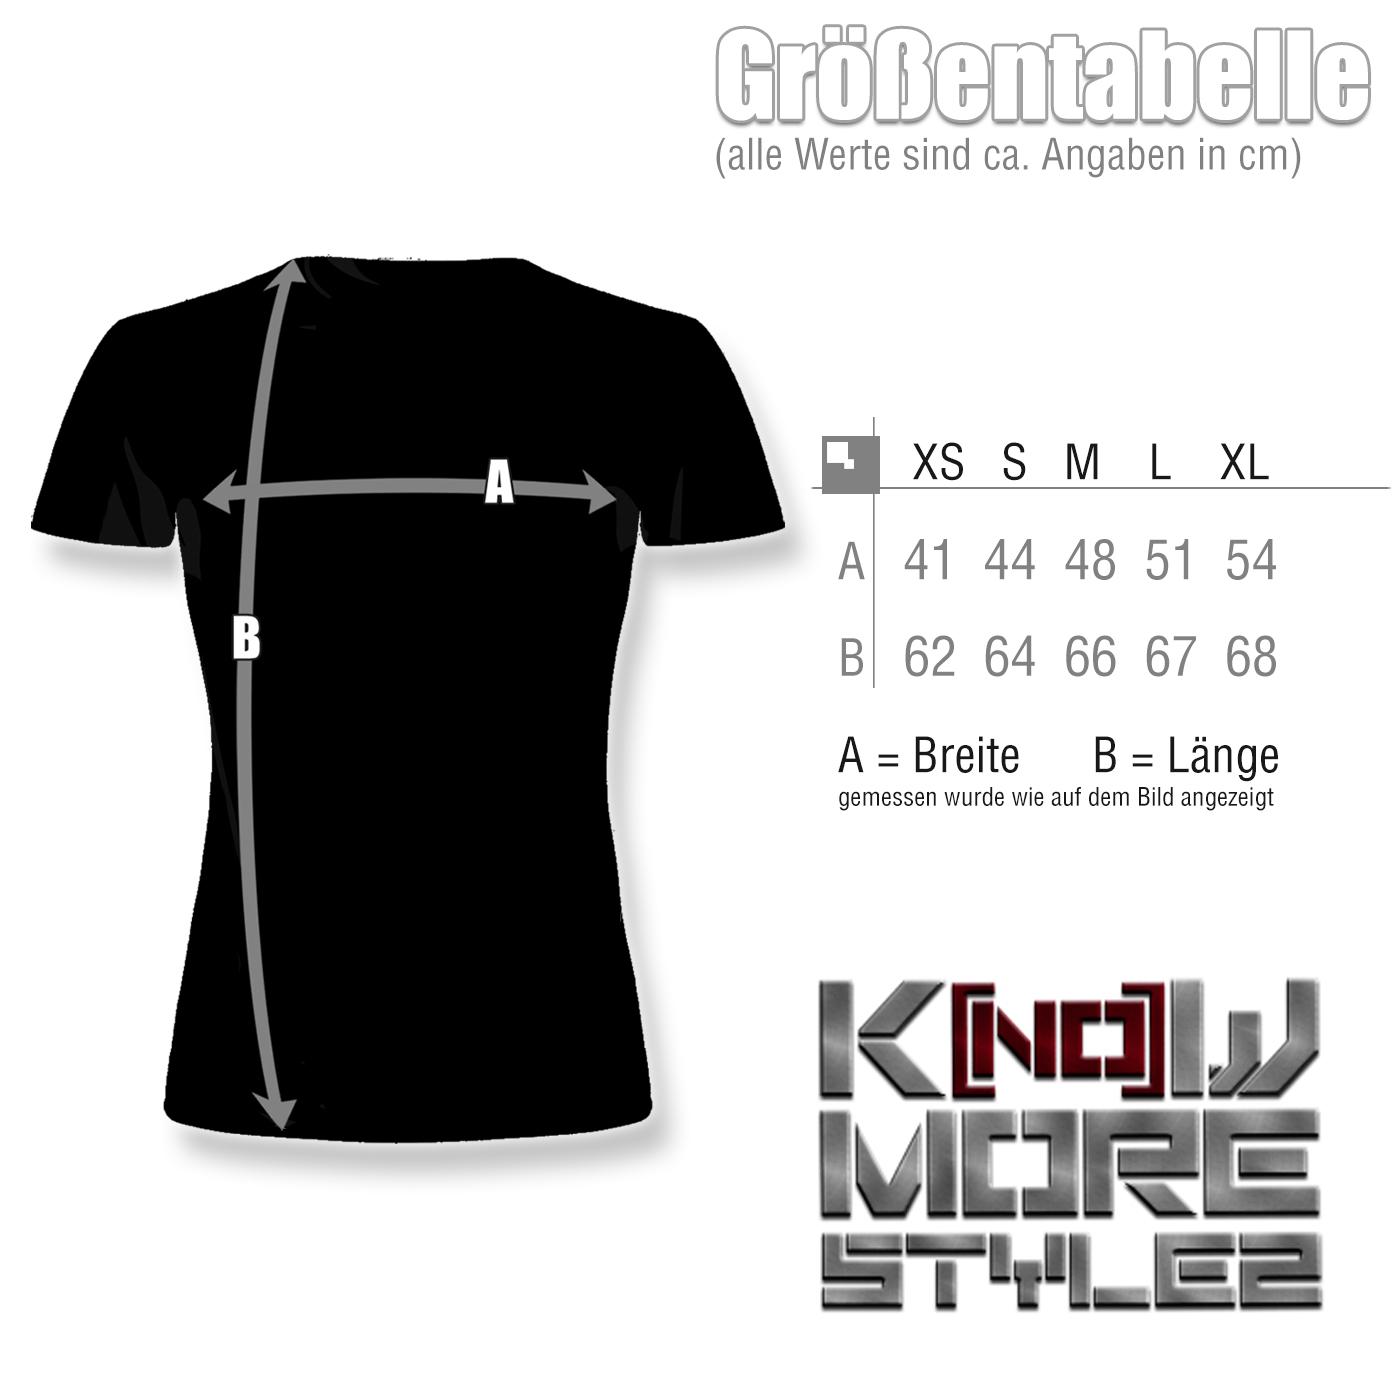 Größentabelle-Girlie-BC-TOP.jpg